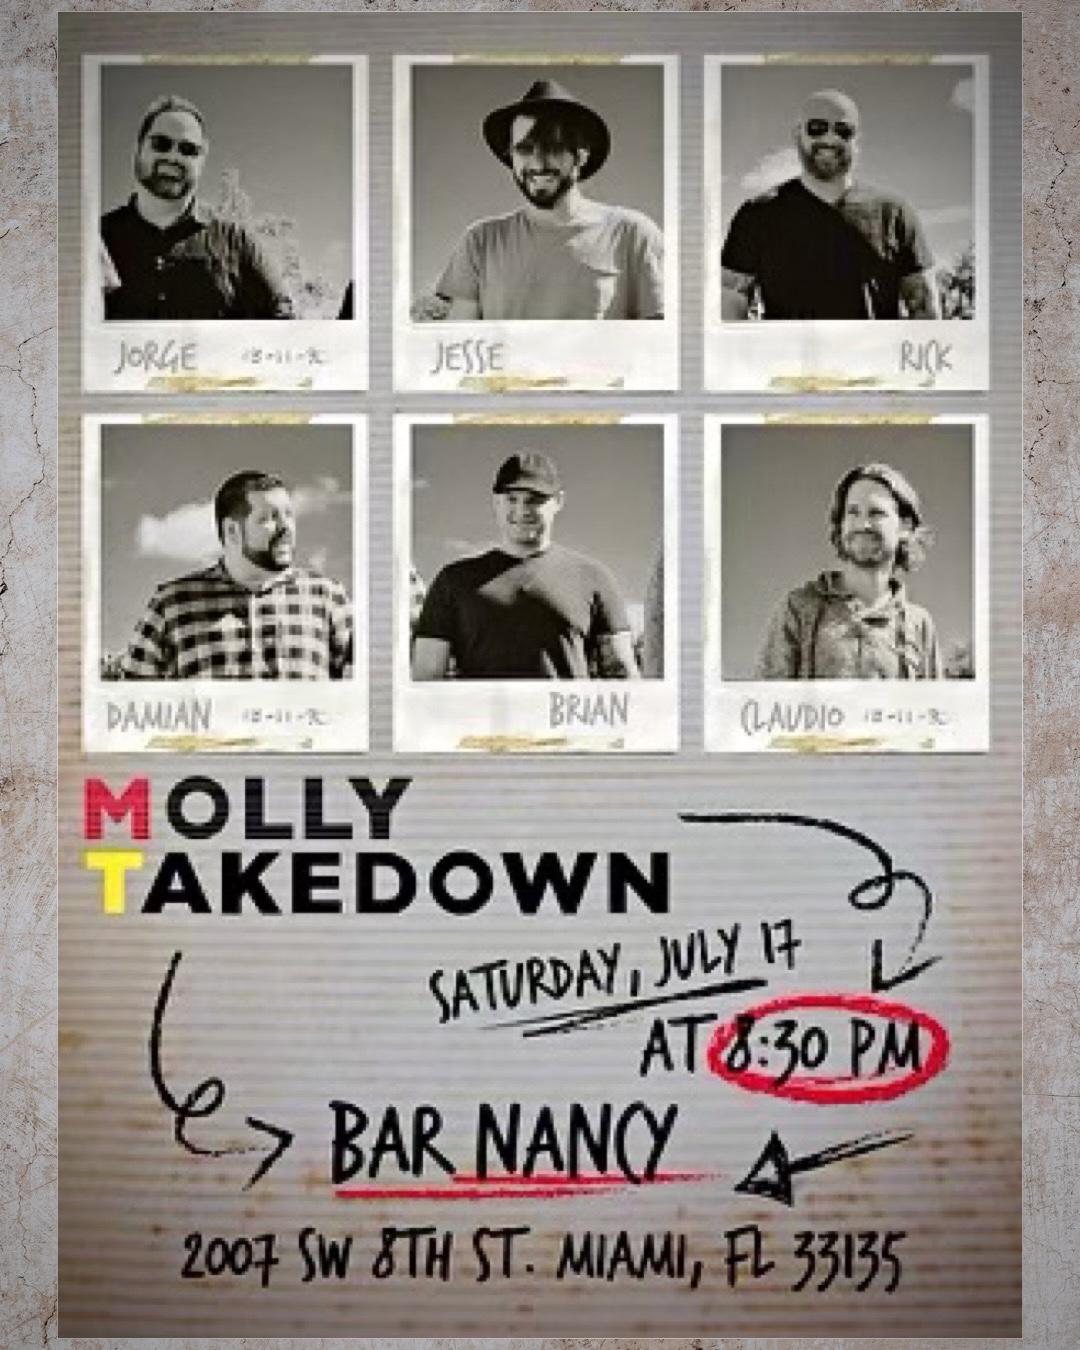 Molly Takedown at Bar Nancy Sat. July 17 at 8:30PM